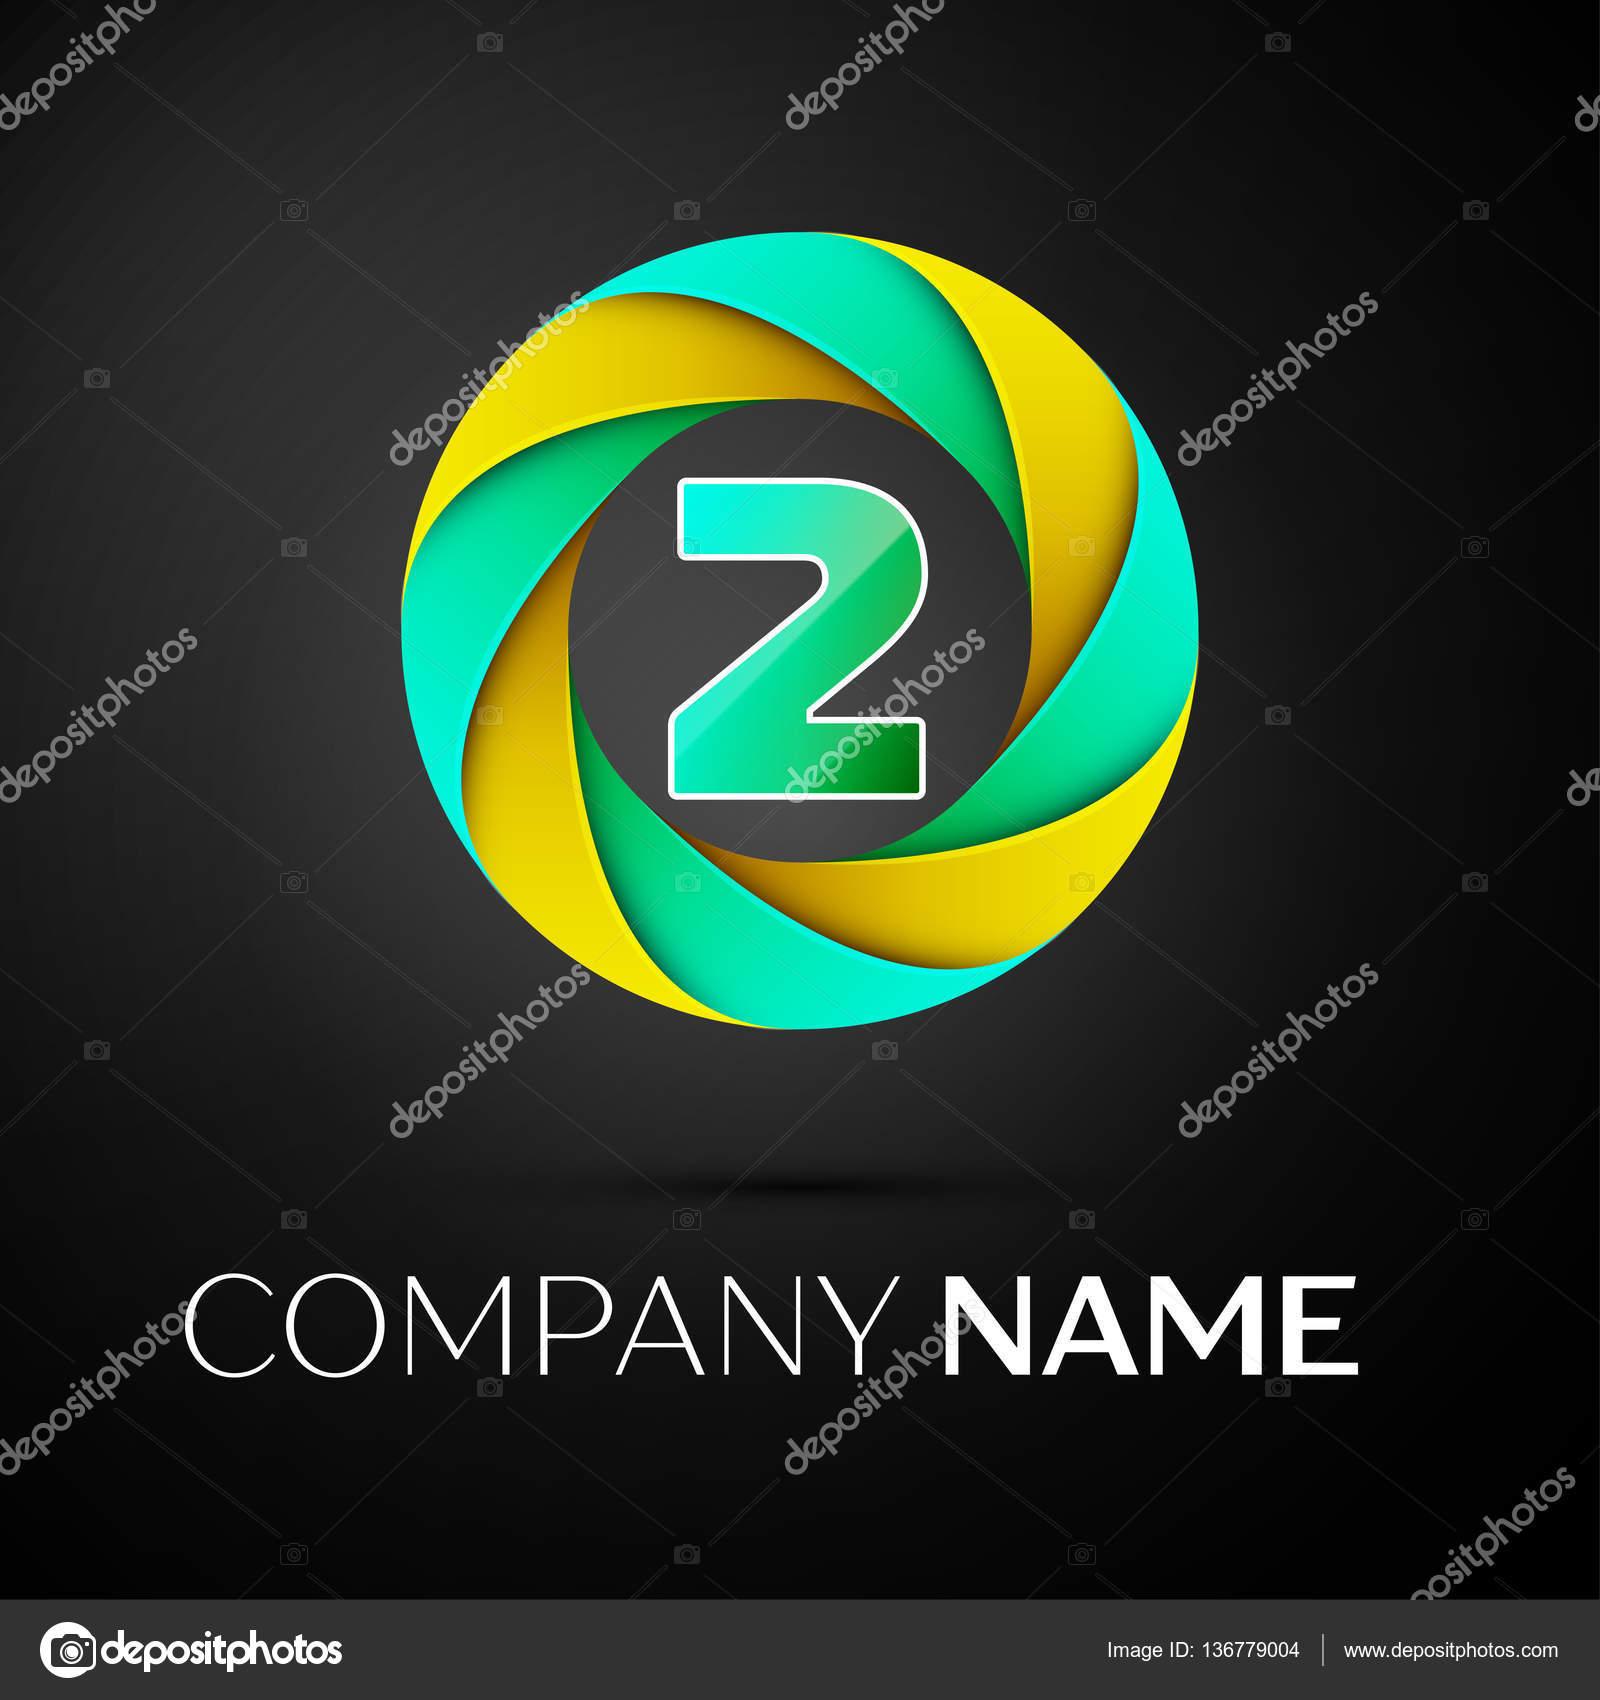 Slo Dv Vektorov Logo Symbol V Barevn Kruh Na Ernm Pozad